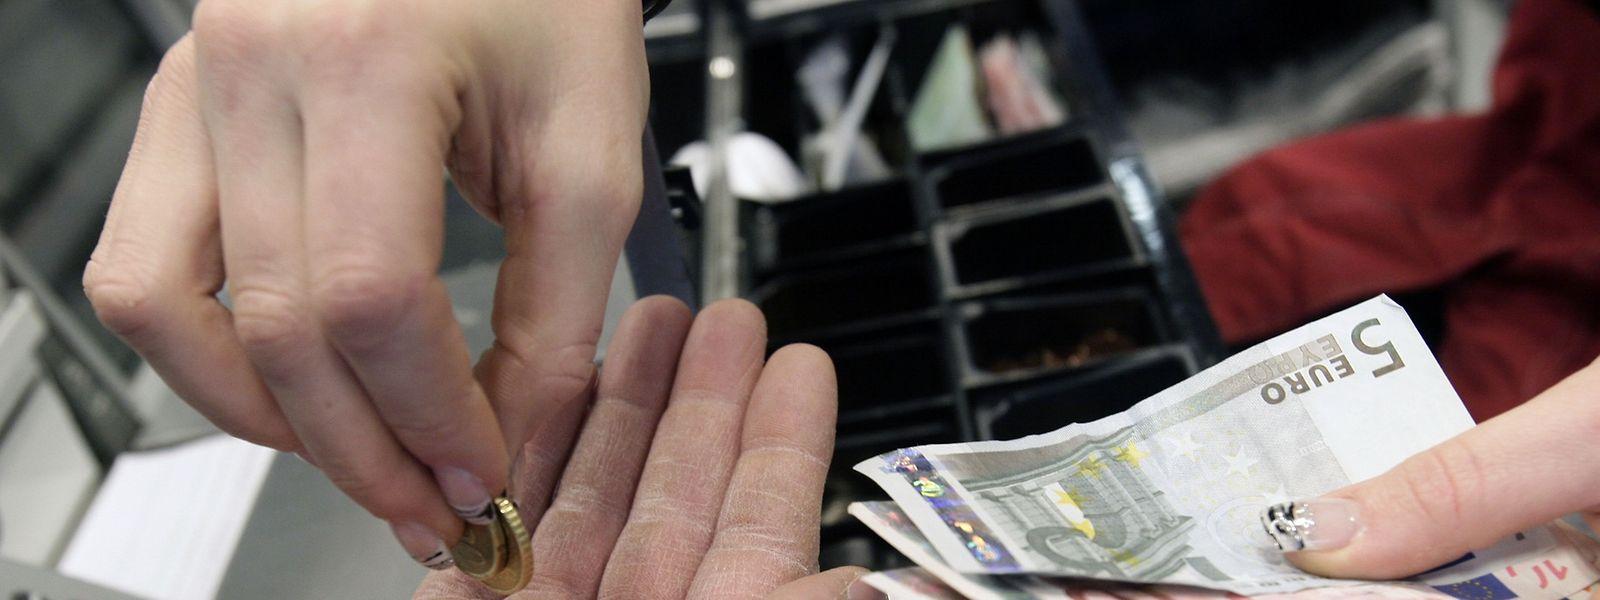 Was am Monatsende übrig bleibt, hängt nicht nur vom Gehalt, sondern auch davon ab, was das alltägliche Leben kostet.